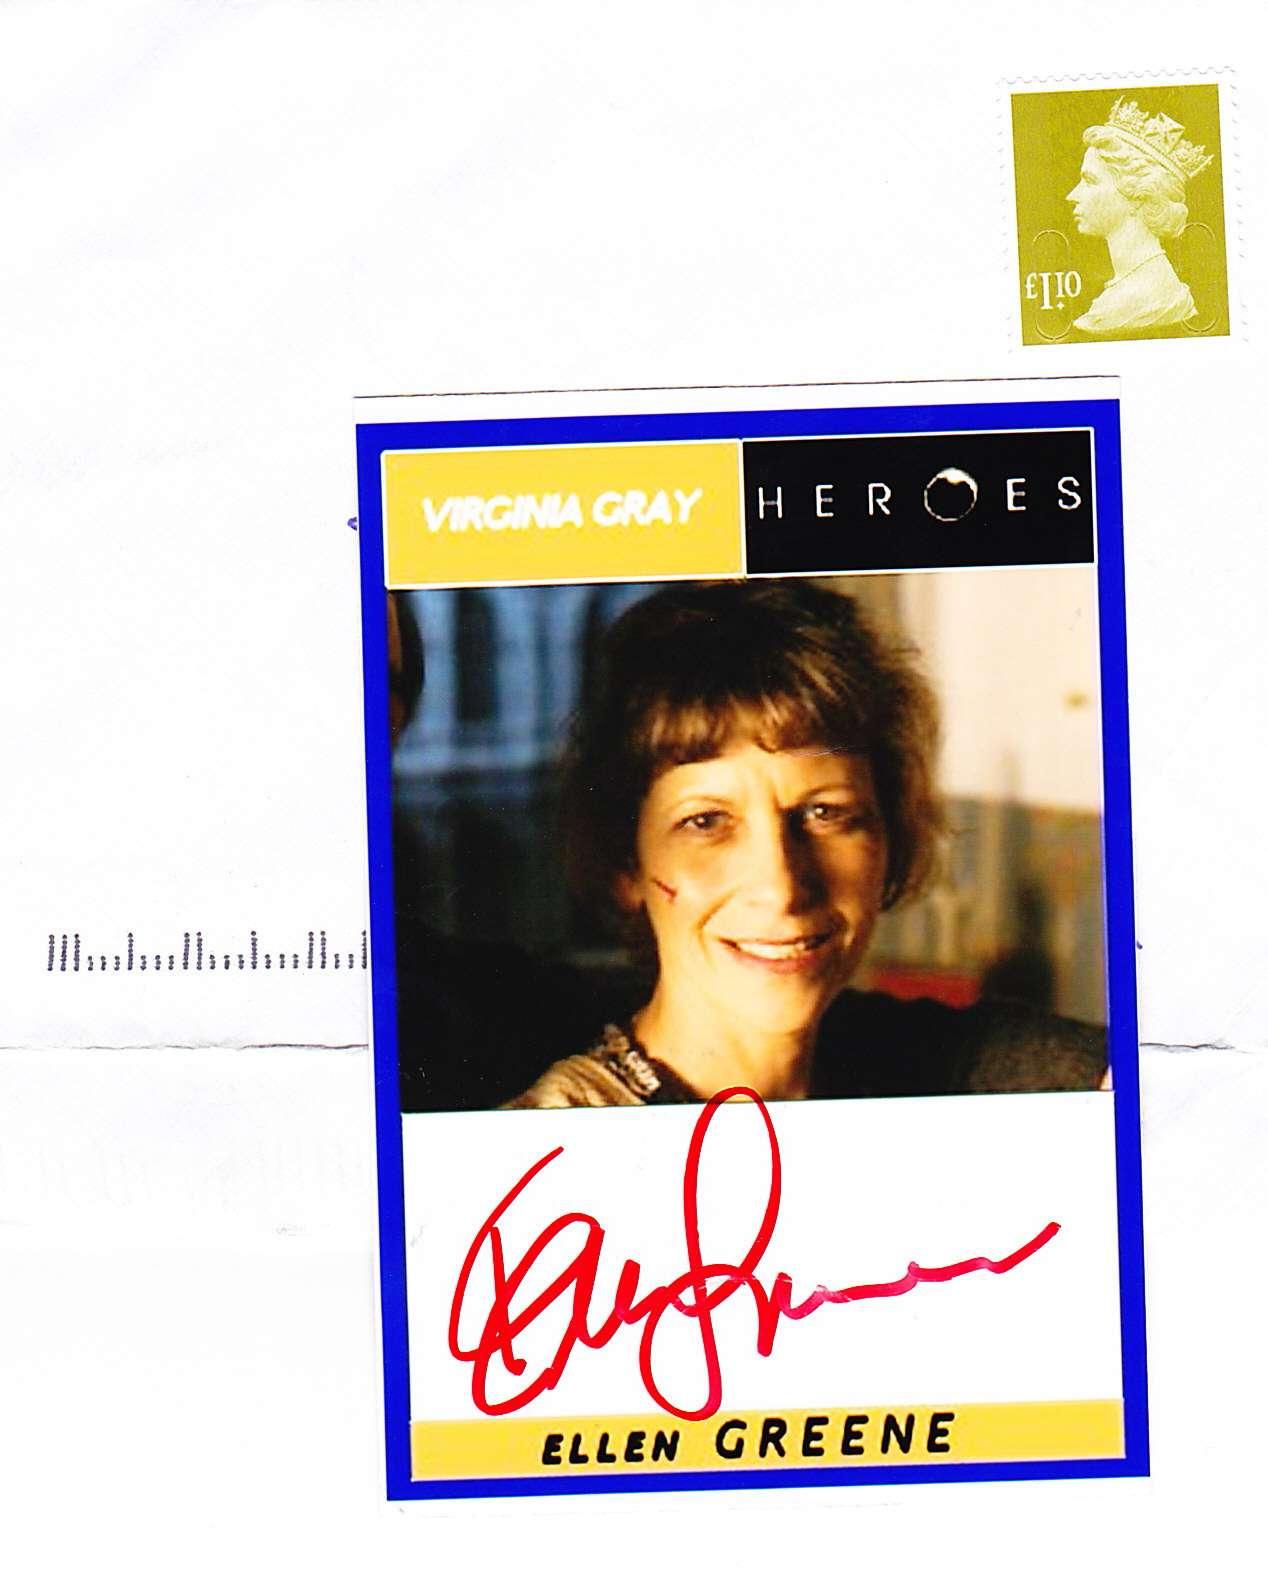 Ellen Greene fan mail